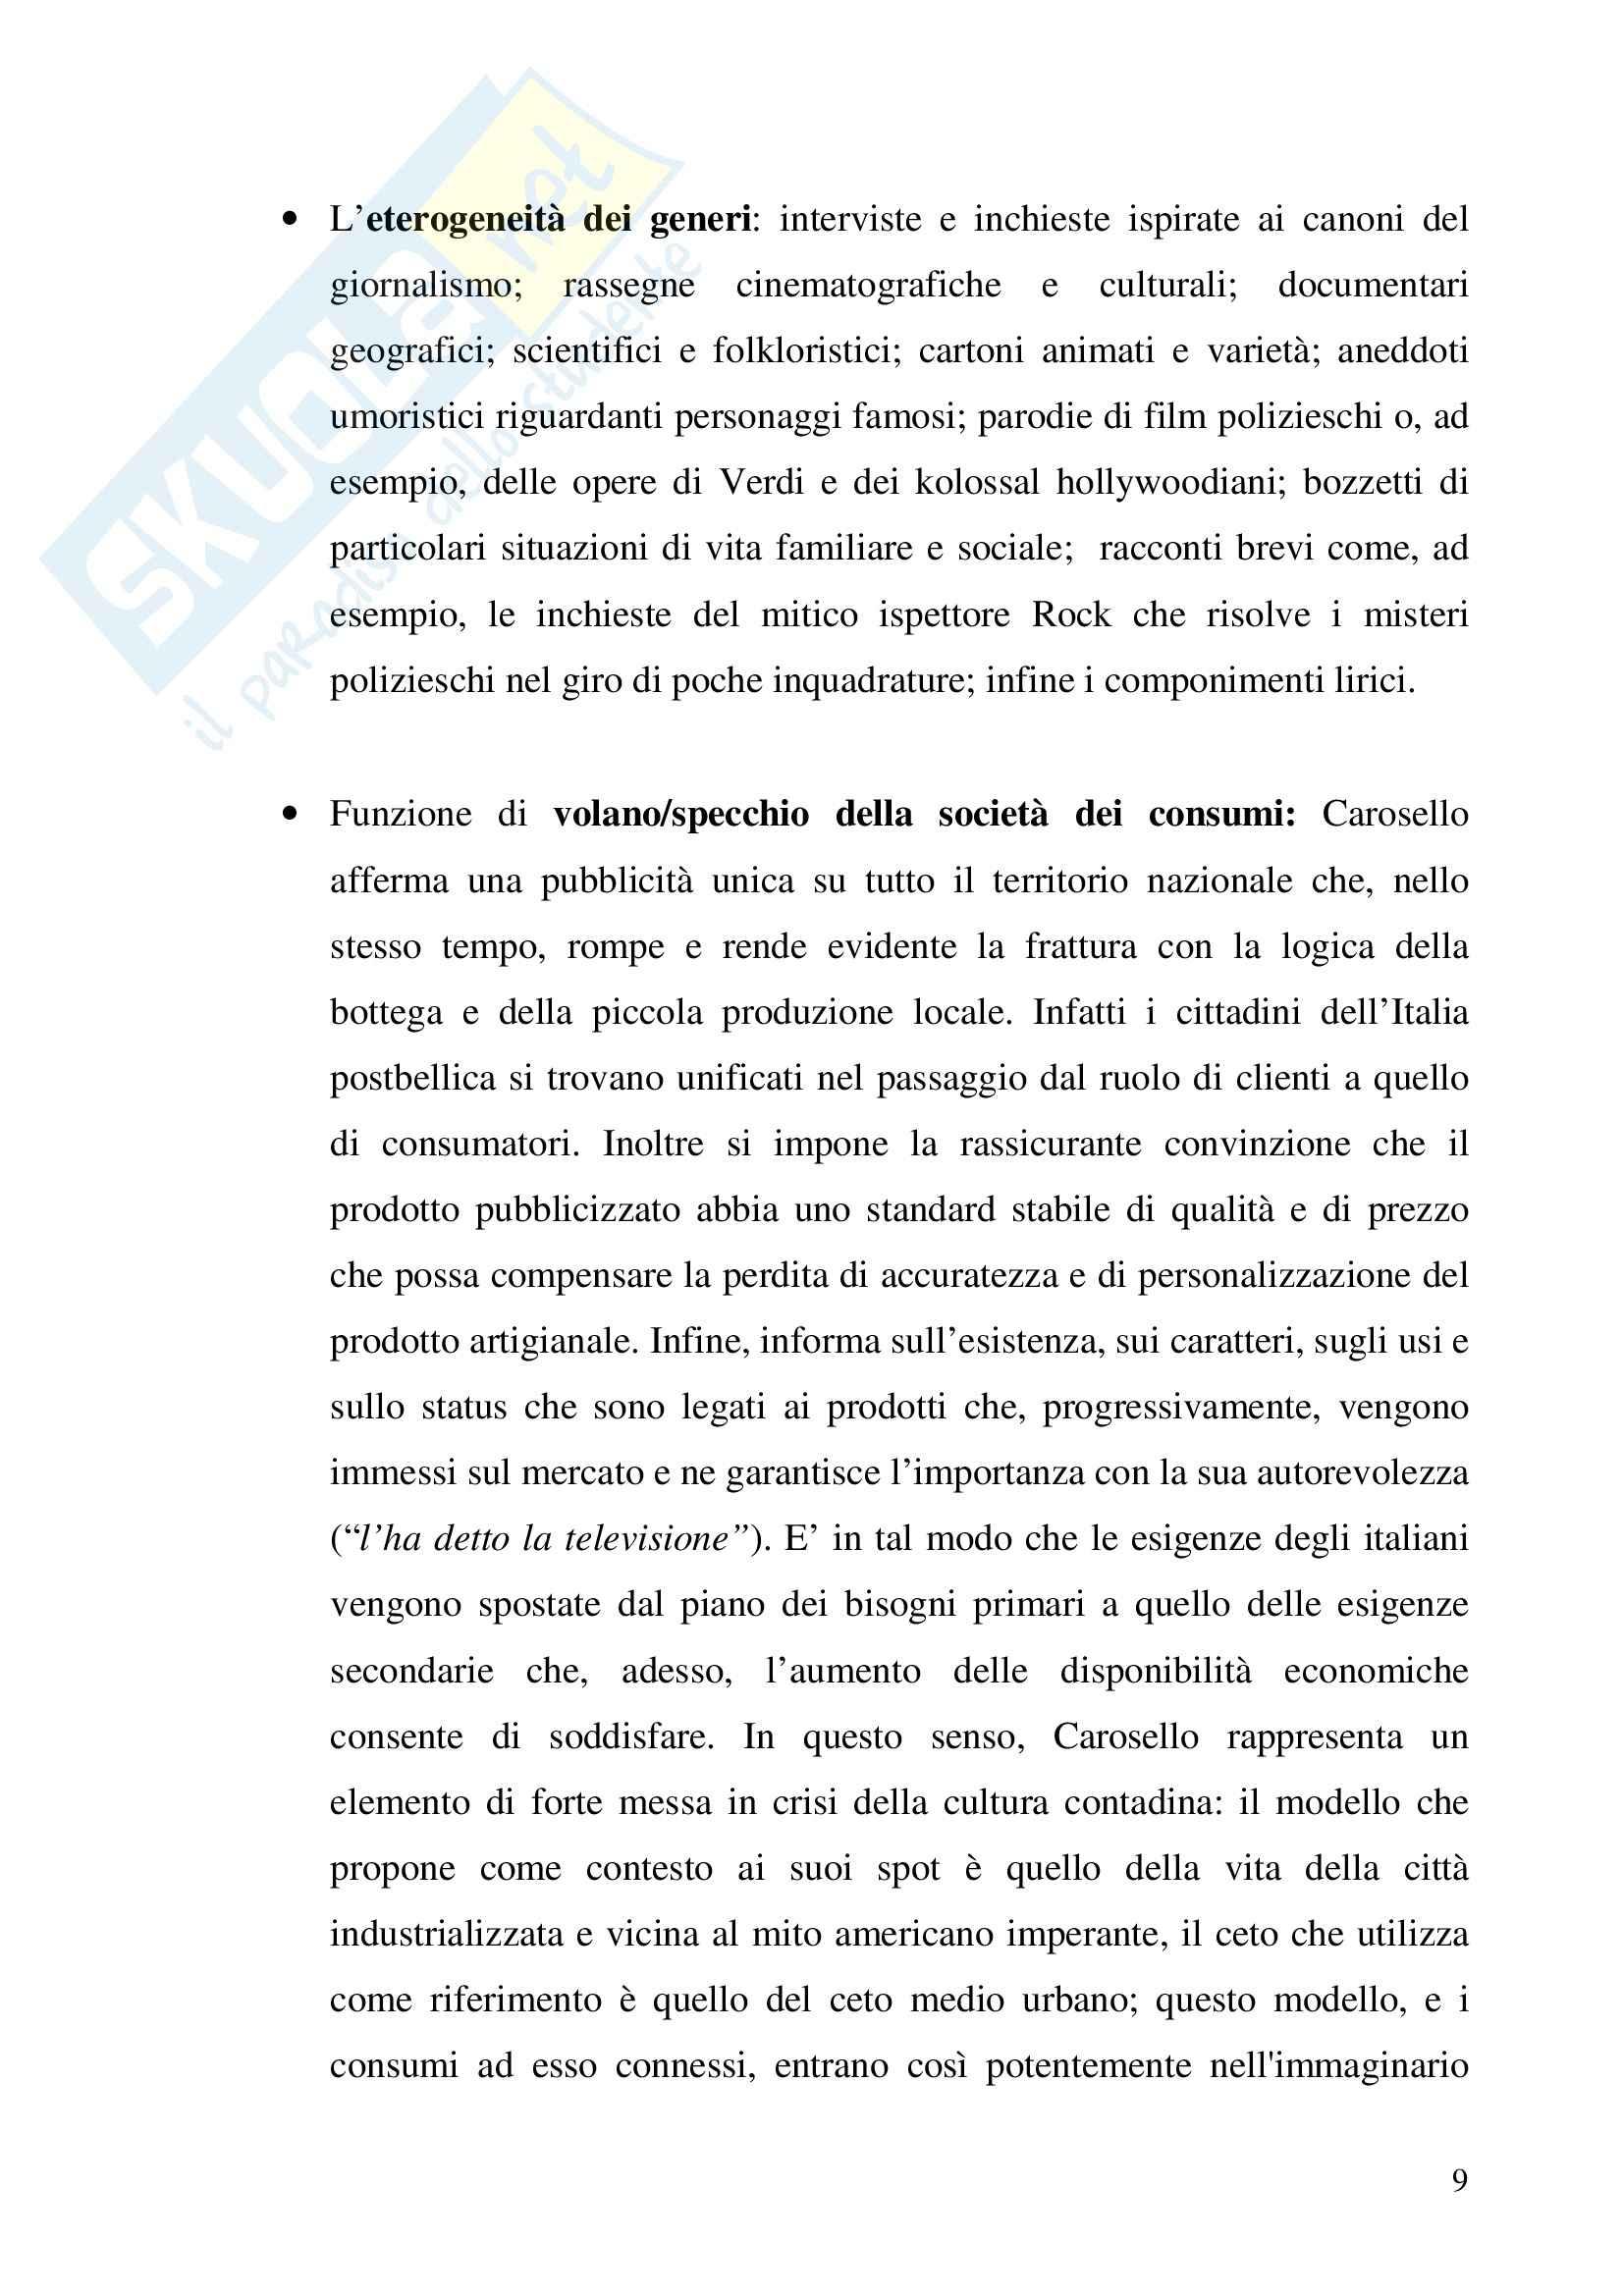 Economia dei media - pubblicità - Tesina Pag. 16